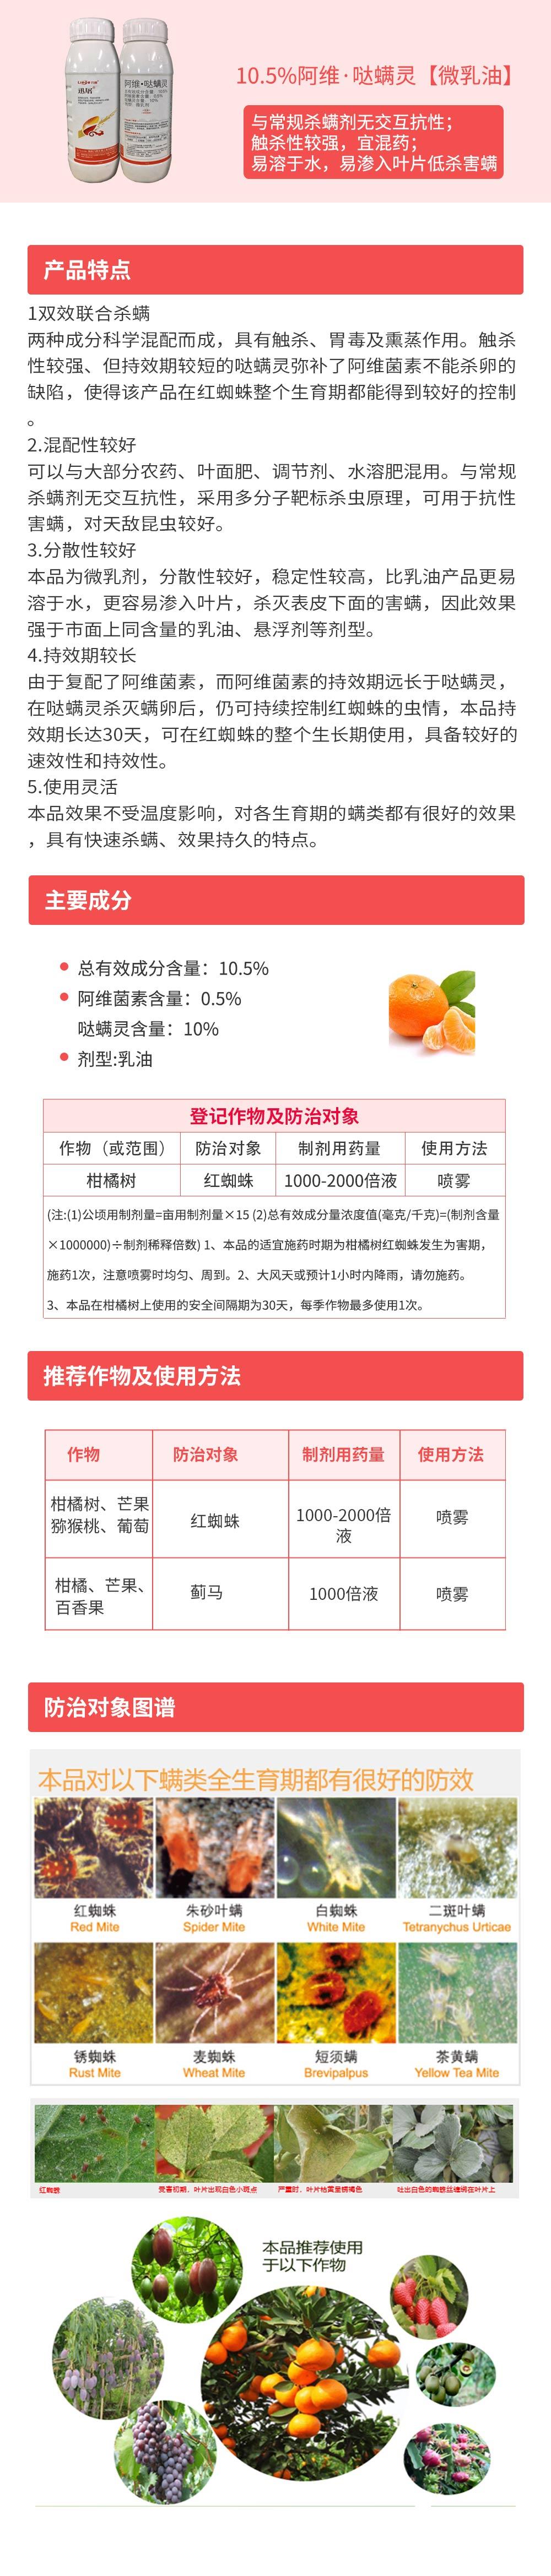 力智生物迅屠10.5%阿维·哒螨灵微乳剂.jpg